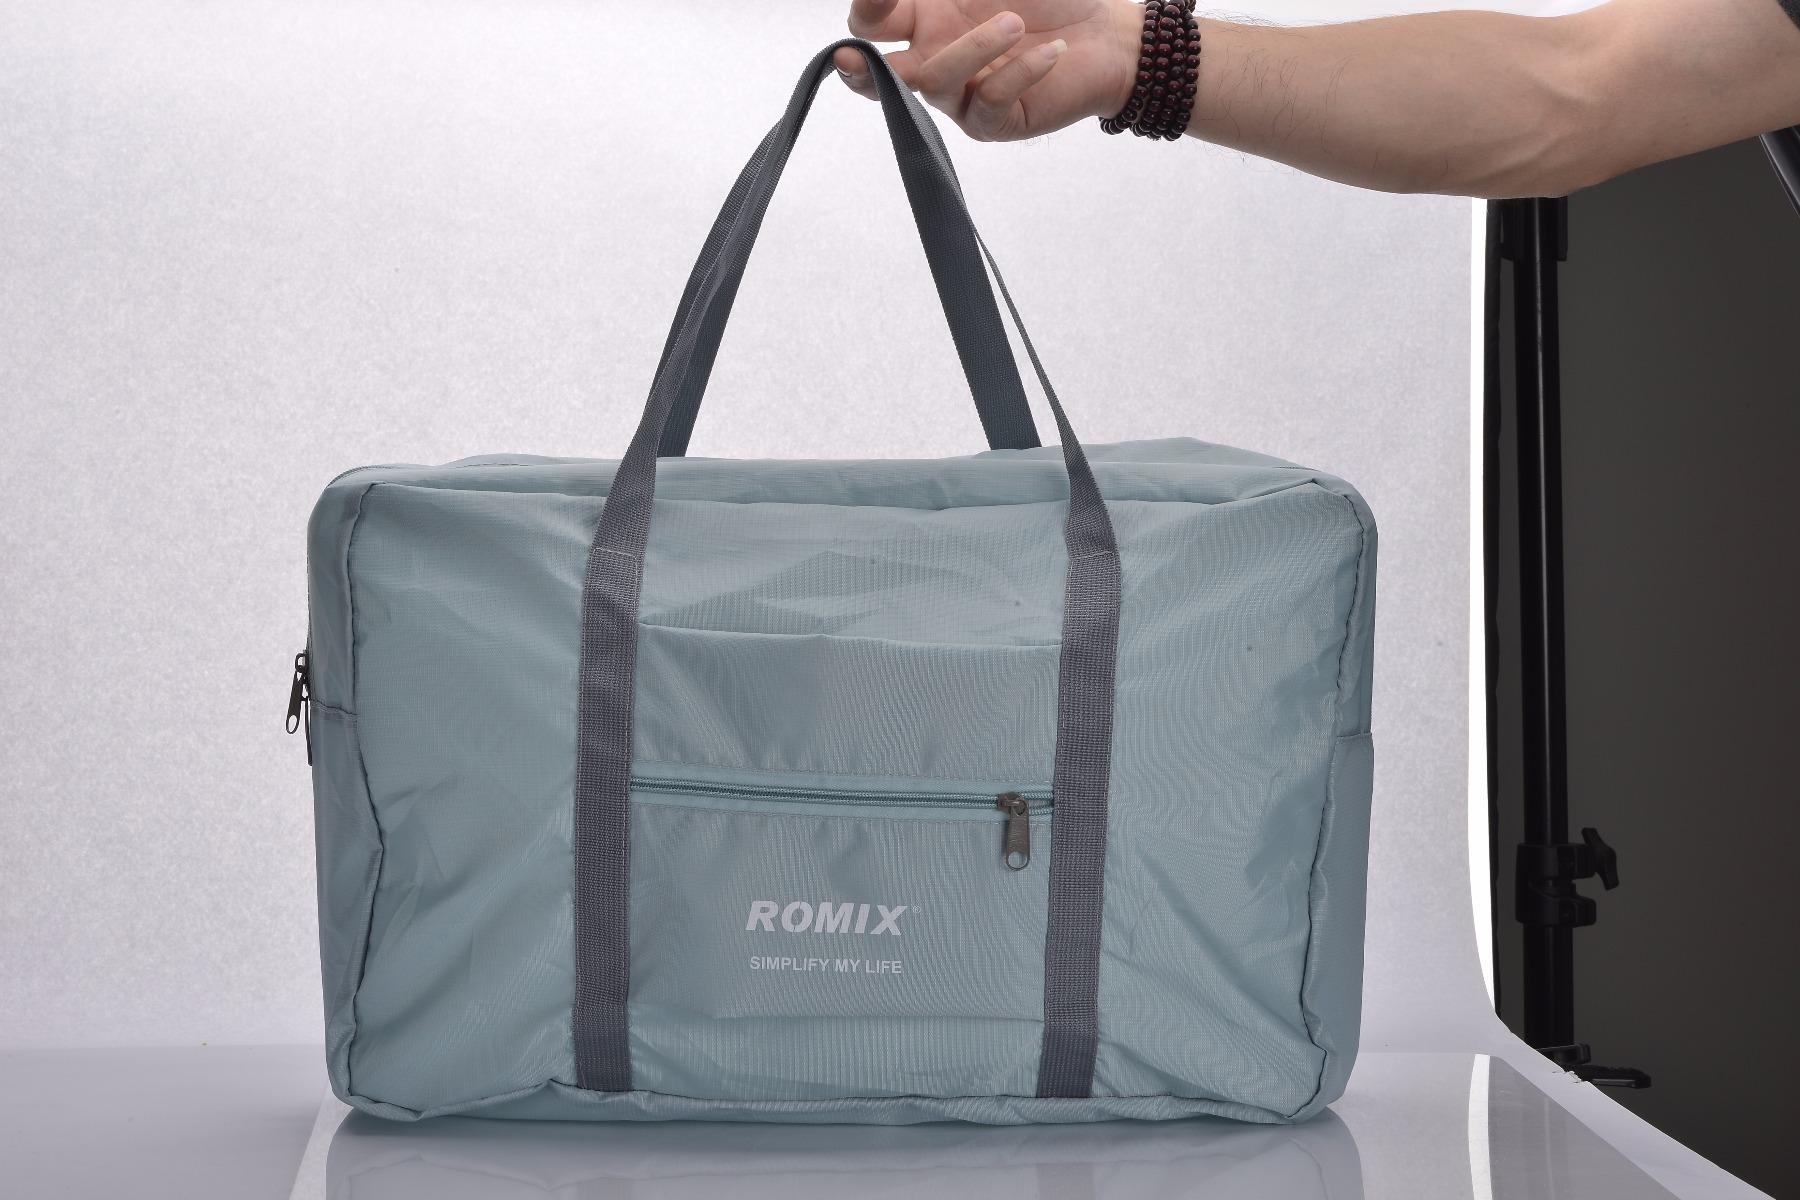 romix rh43